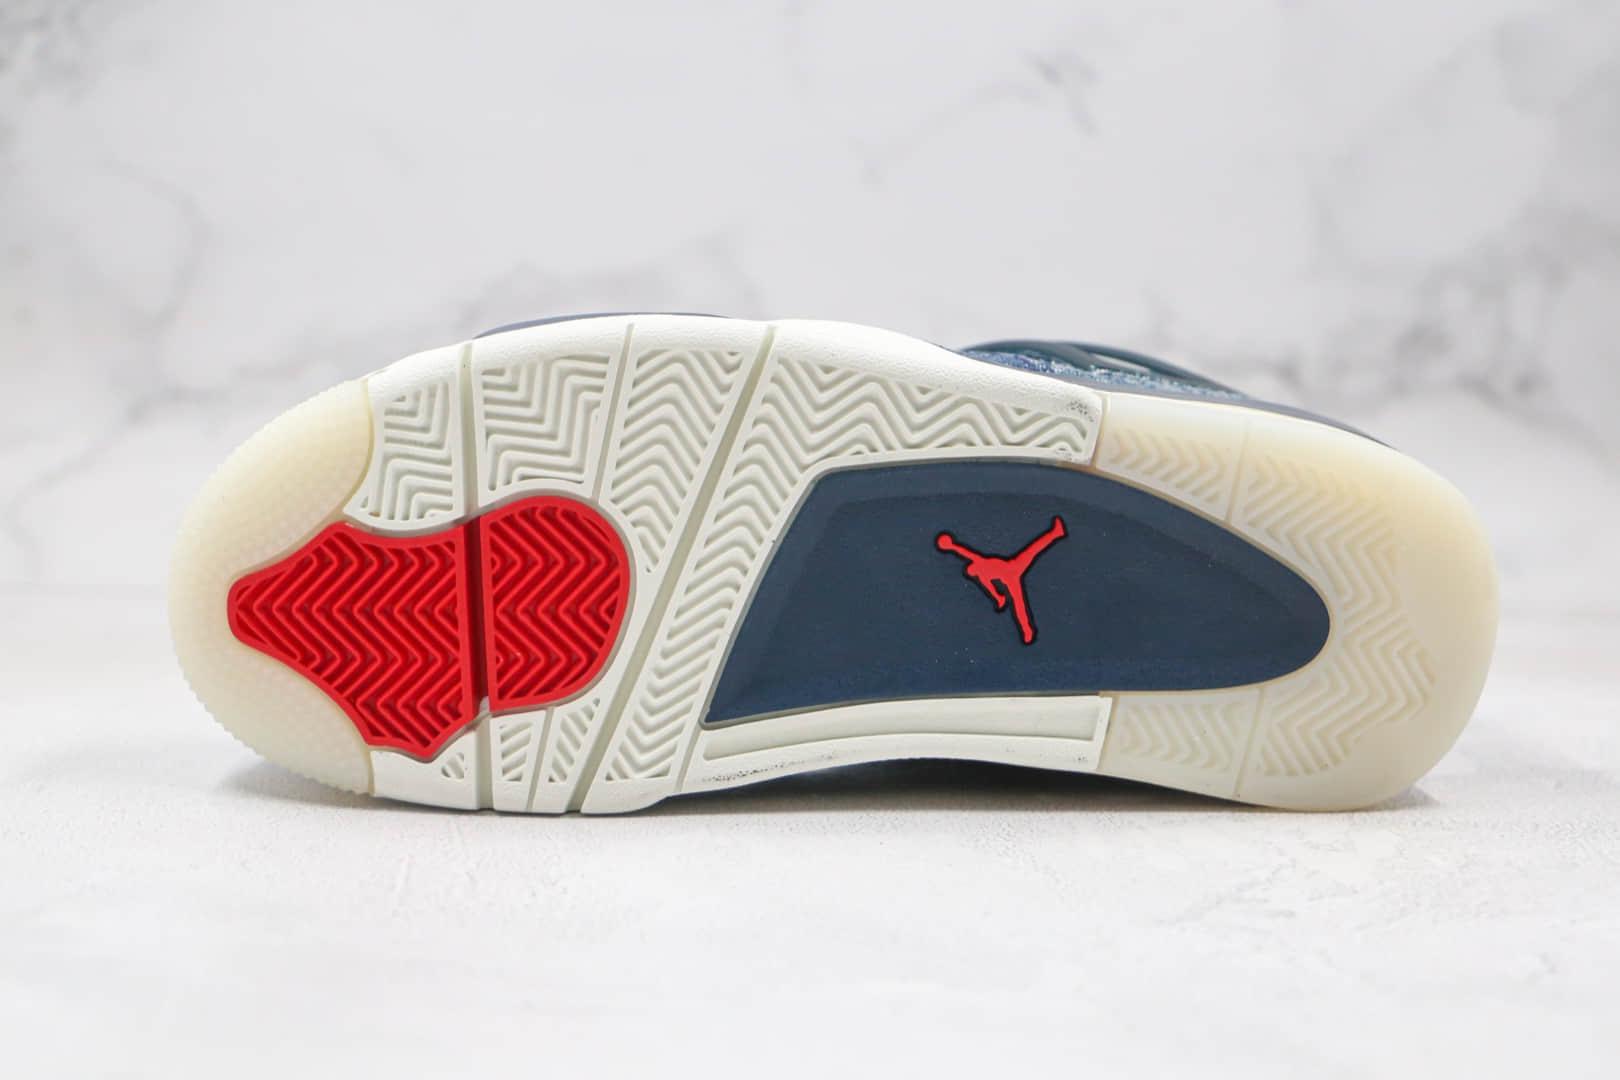 耐克Nike Air Jordan 4 Retro SE Sashiko纯原版本刺子绣日本鸳鸯拼接牛仔AJ4篮球鞋原档案数据开发 货号:CW0898-400